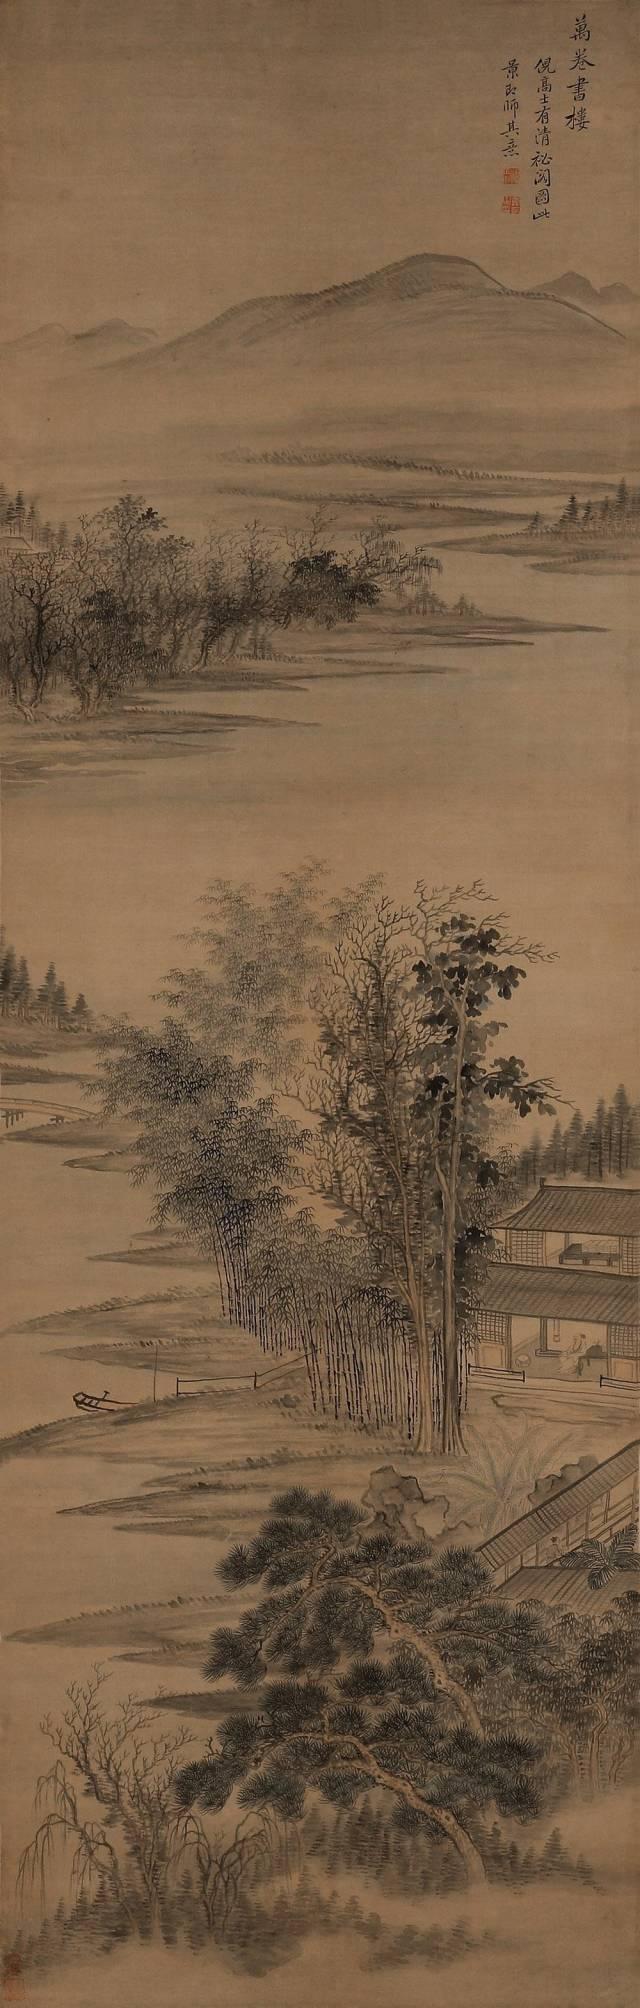 恽寿平绘画作品